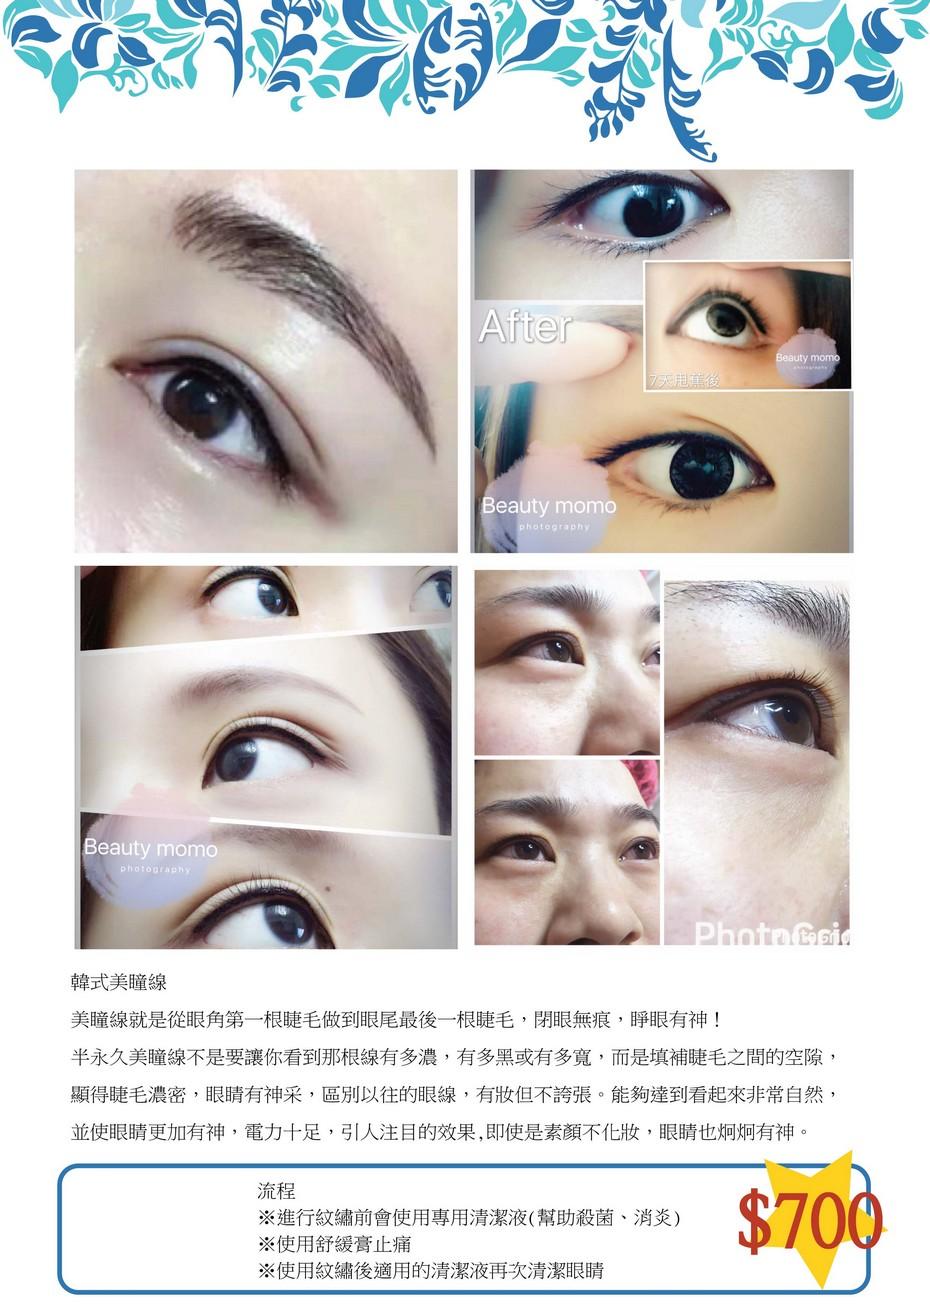 韓式美瞳線 美瞳線就是從眼角第一根睫毛做到眼尾最後一根睫毛,閉眼無痕,睜眼有眼! 半永久美瞳線不是要讓你看到那根線有多濃,有多黑或有多寬,而是填補睫毛之間的空隙, 顯得睫毛濃密,眼睛有神采,區別以往的眼線,有妝但不誇張。能夠達到看起來非常自然, 並使眼睛更加有神,電力十足,引人注目的效果,即使是素顏不念,眼睛也炯炯有神。